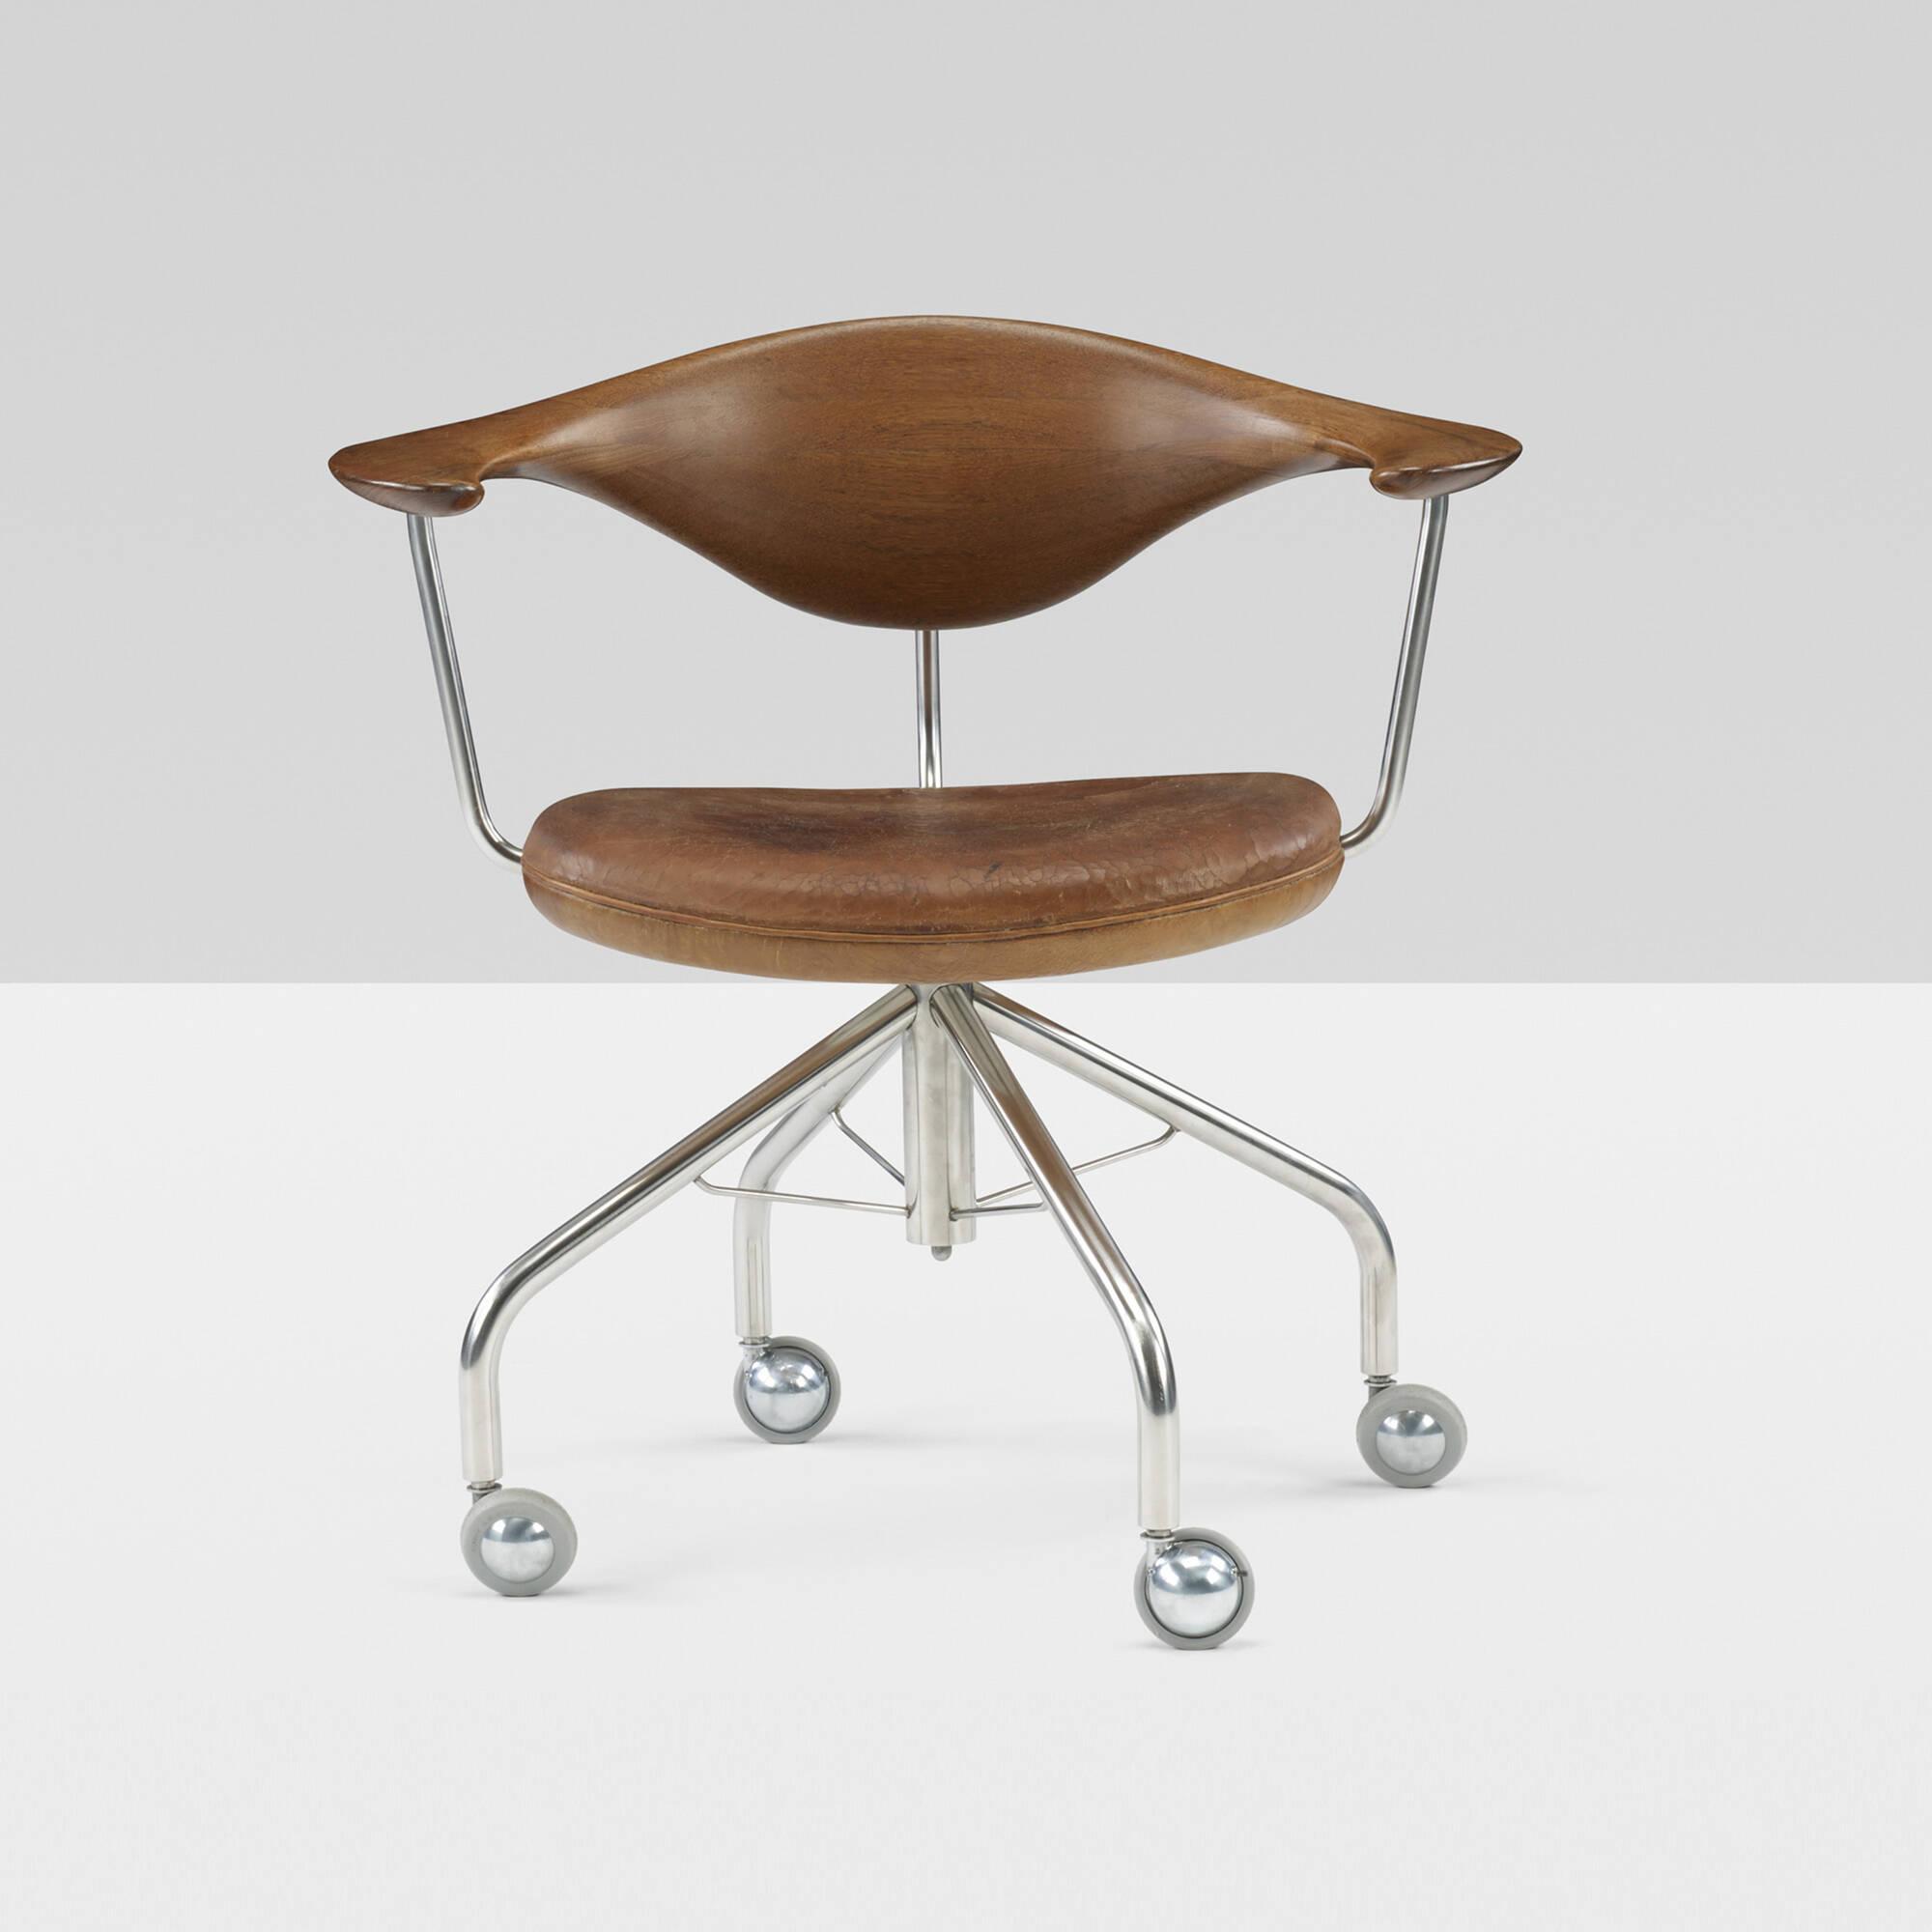 198: Hans J. Wegner / Swivel chair (1 of 9)